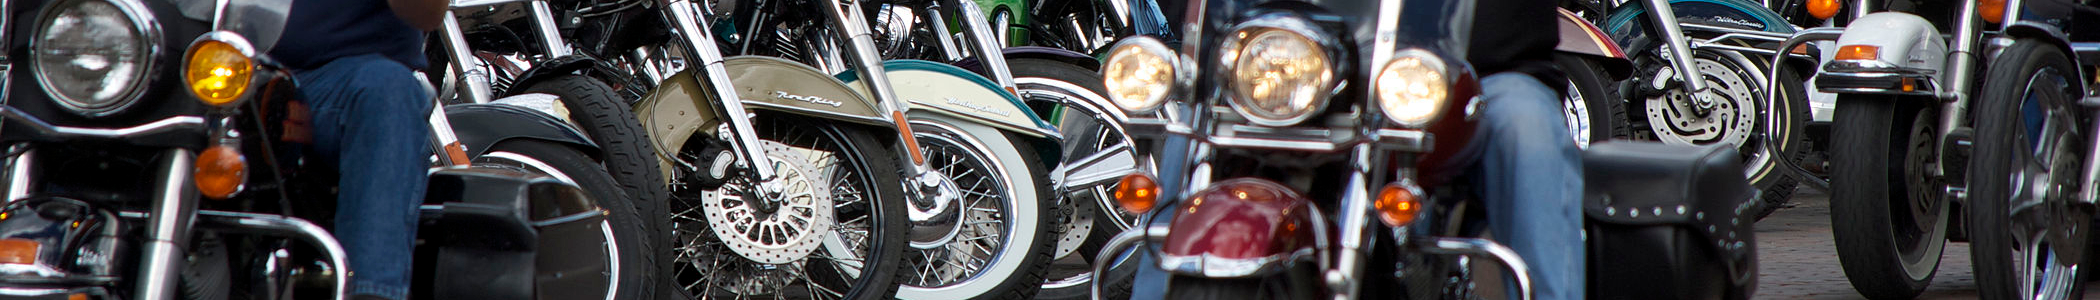 Sturgis_motorcycle_banner.jpg